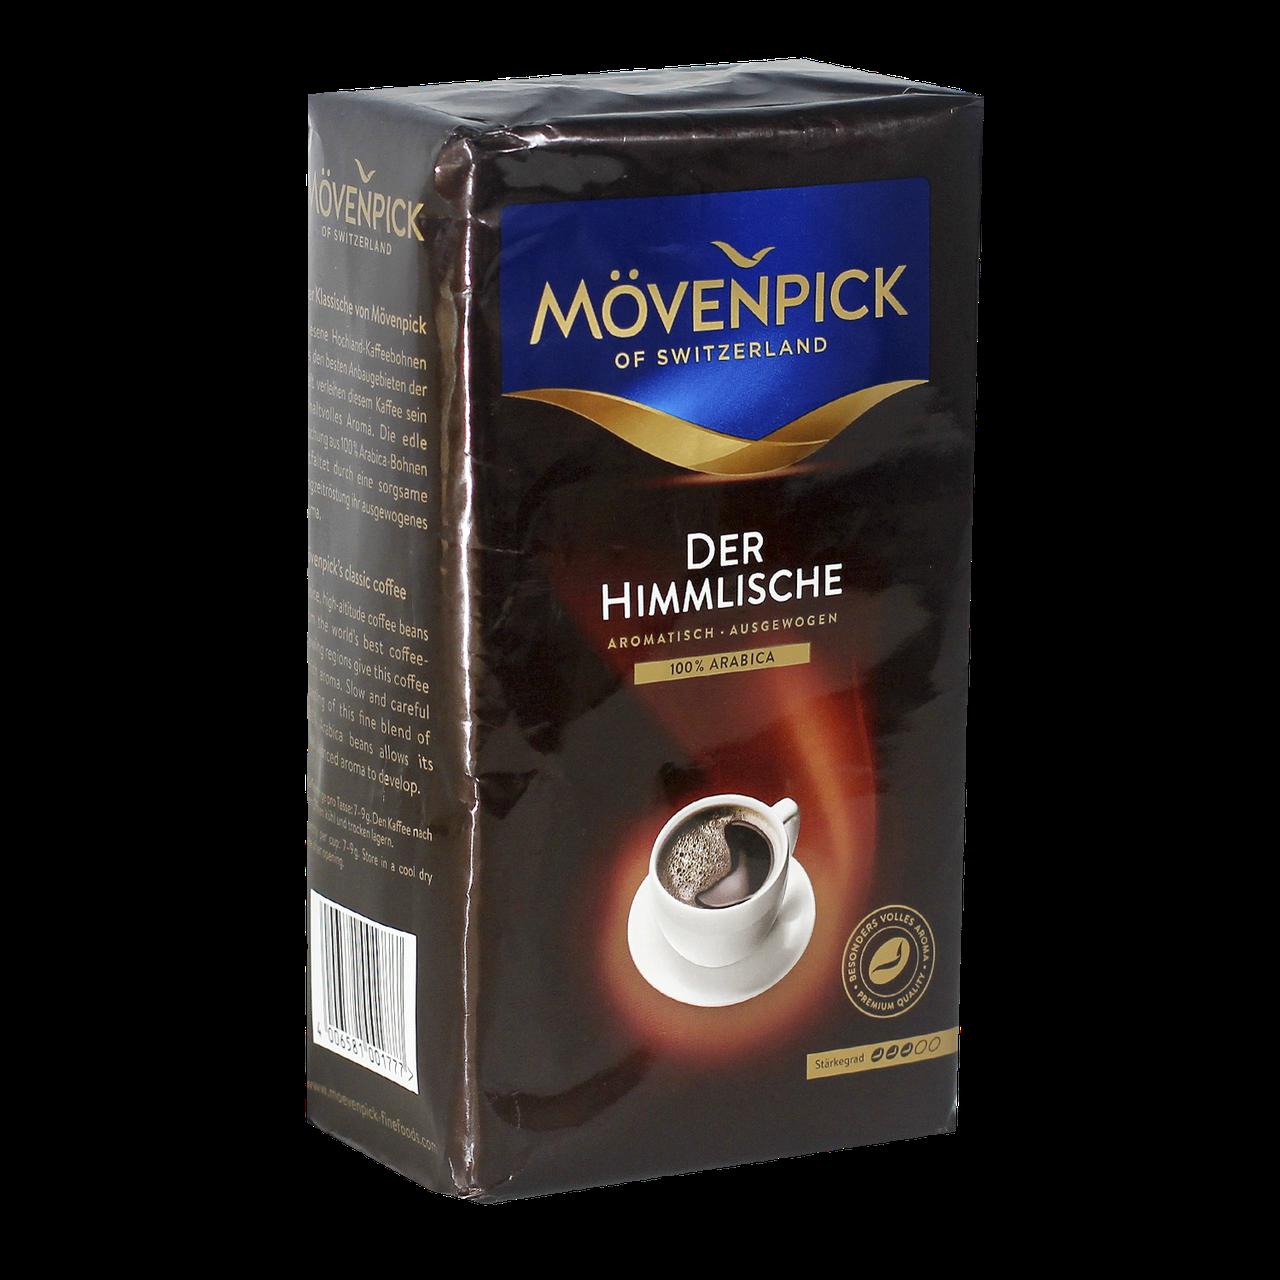 Мягкий кофе молотый Movenpick Der Himmlische 500г, 100% Арабика